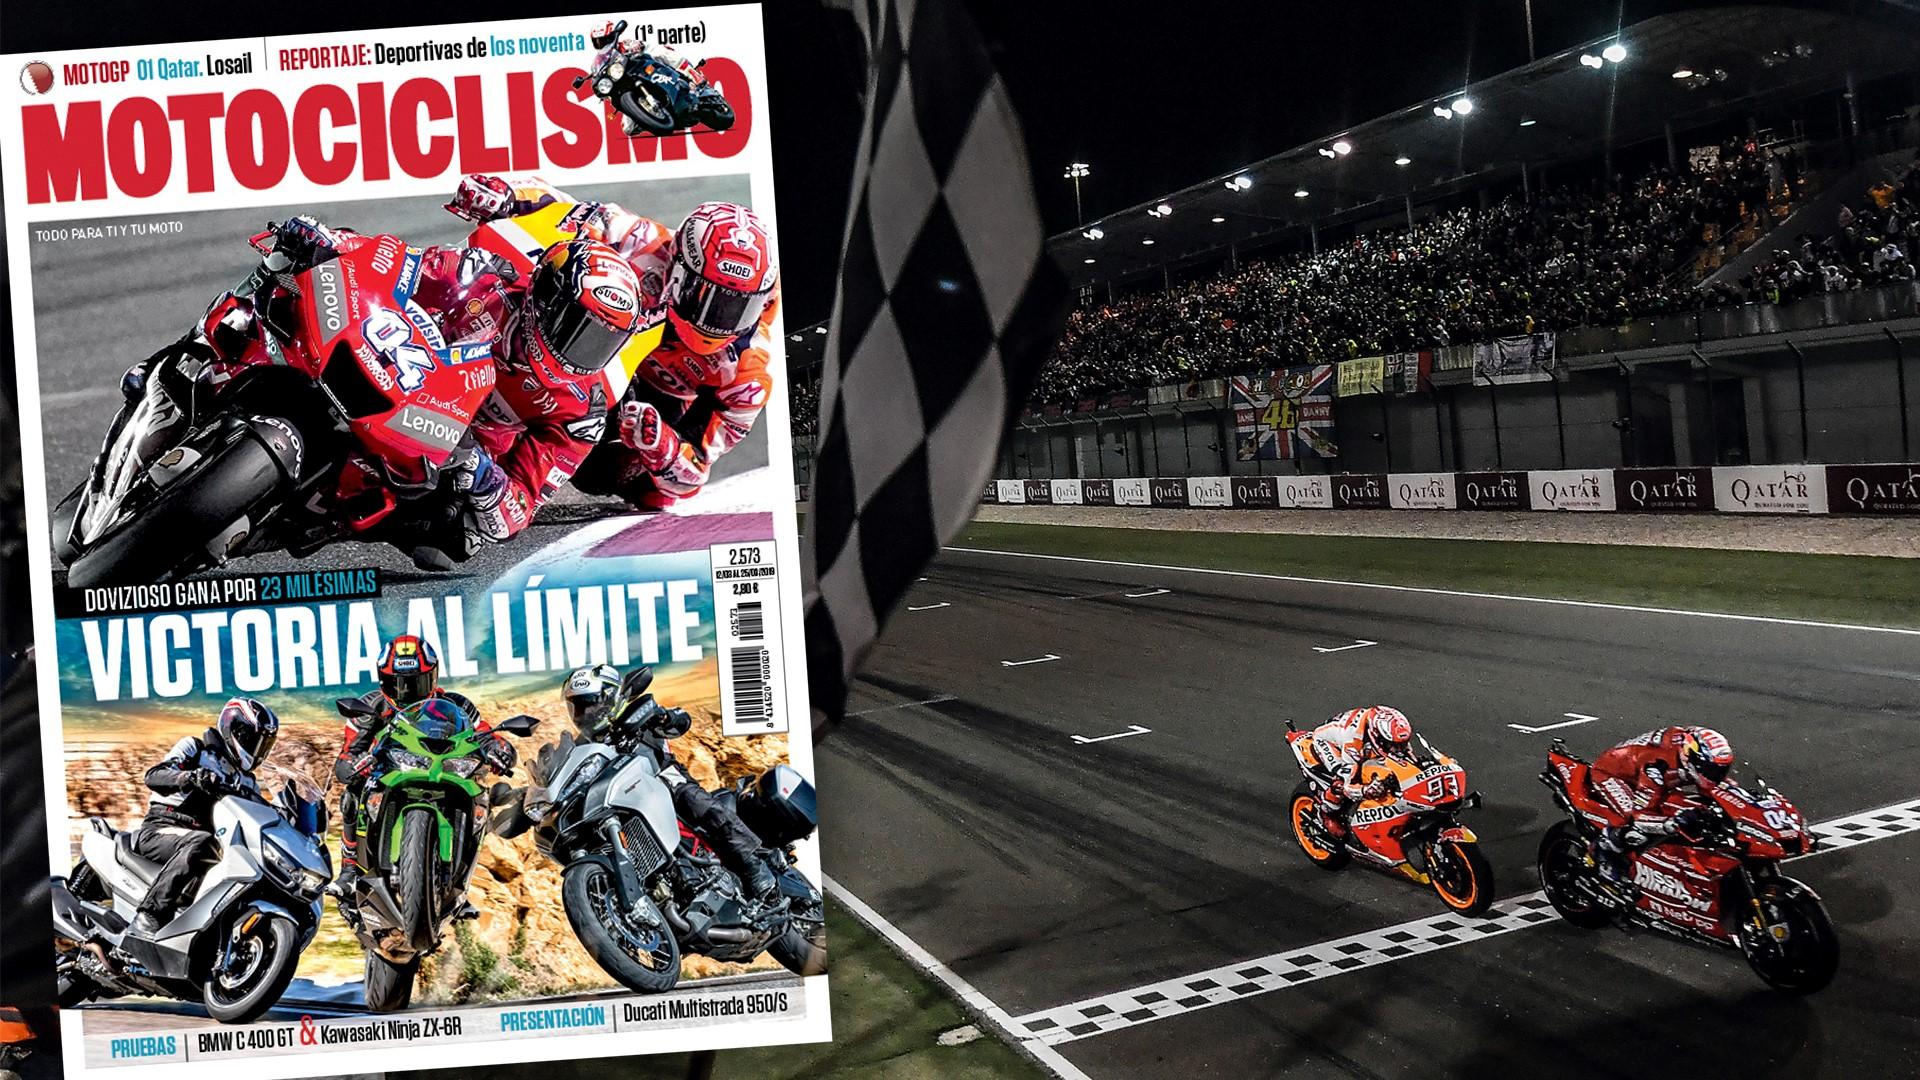 MOTOCICLISMO 2573, contenidos y sumario de la revista